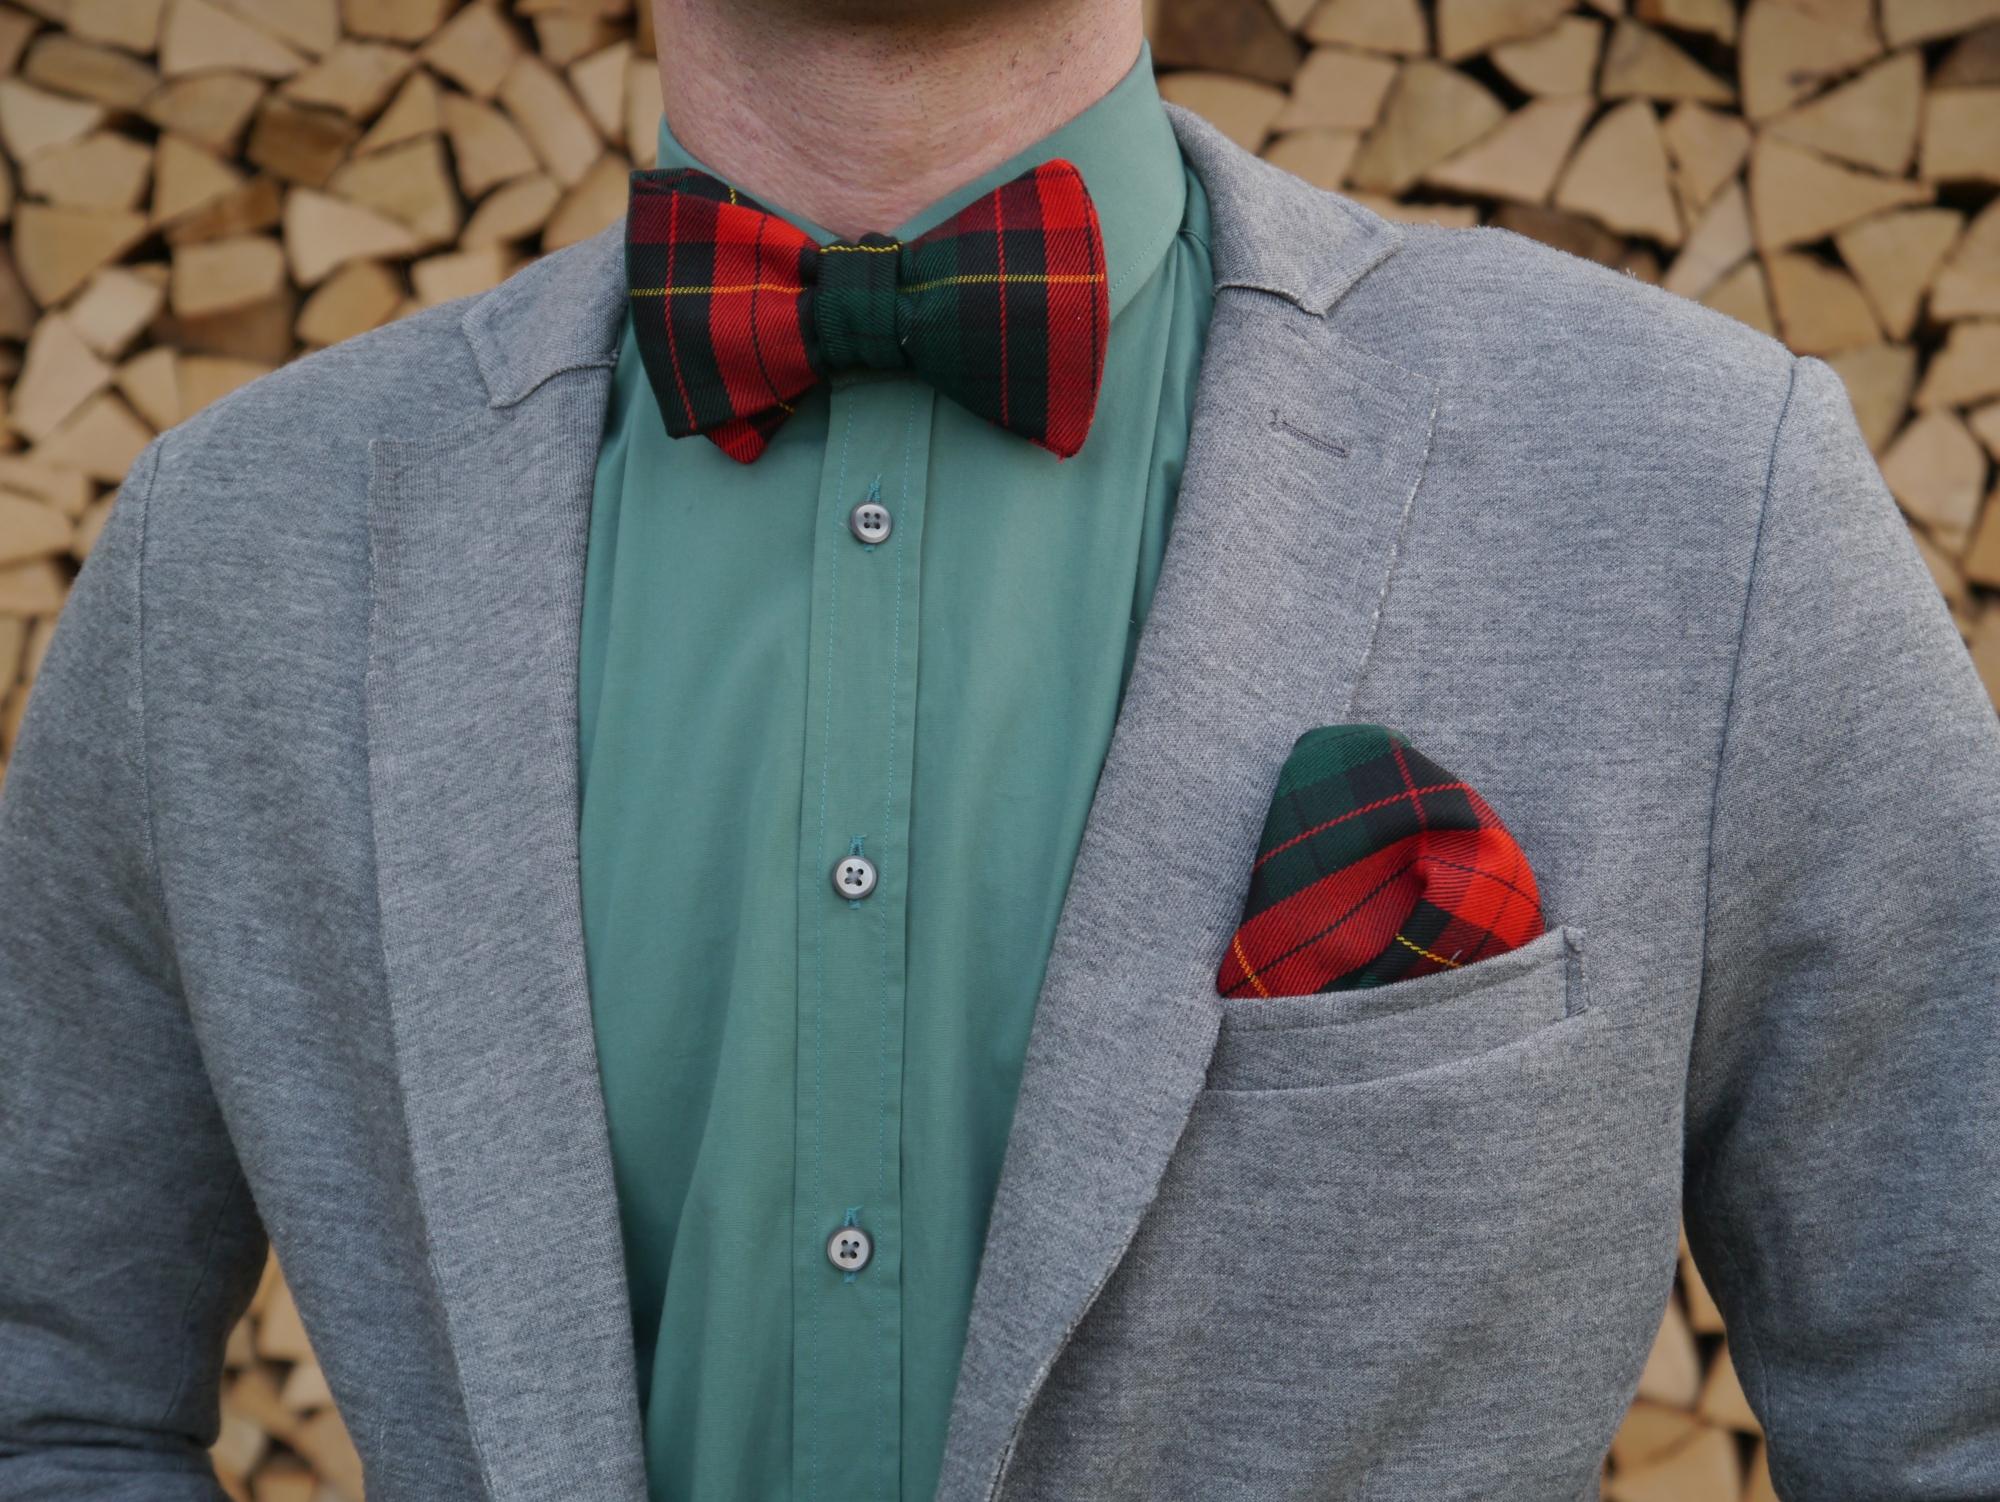 weihnachtsfliege winterfliege grün rote fliege auf grünes hemd und grauer anzug